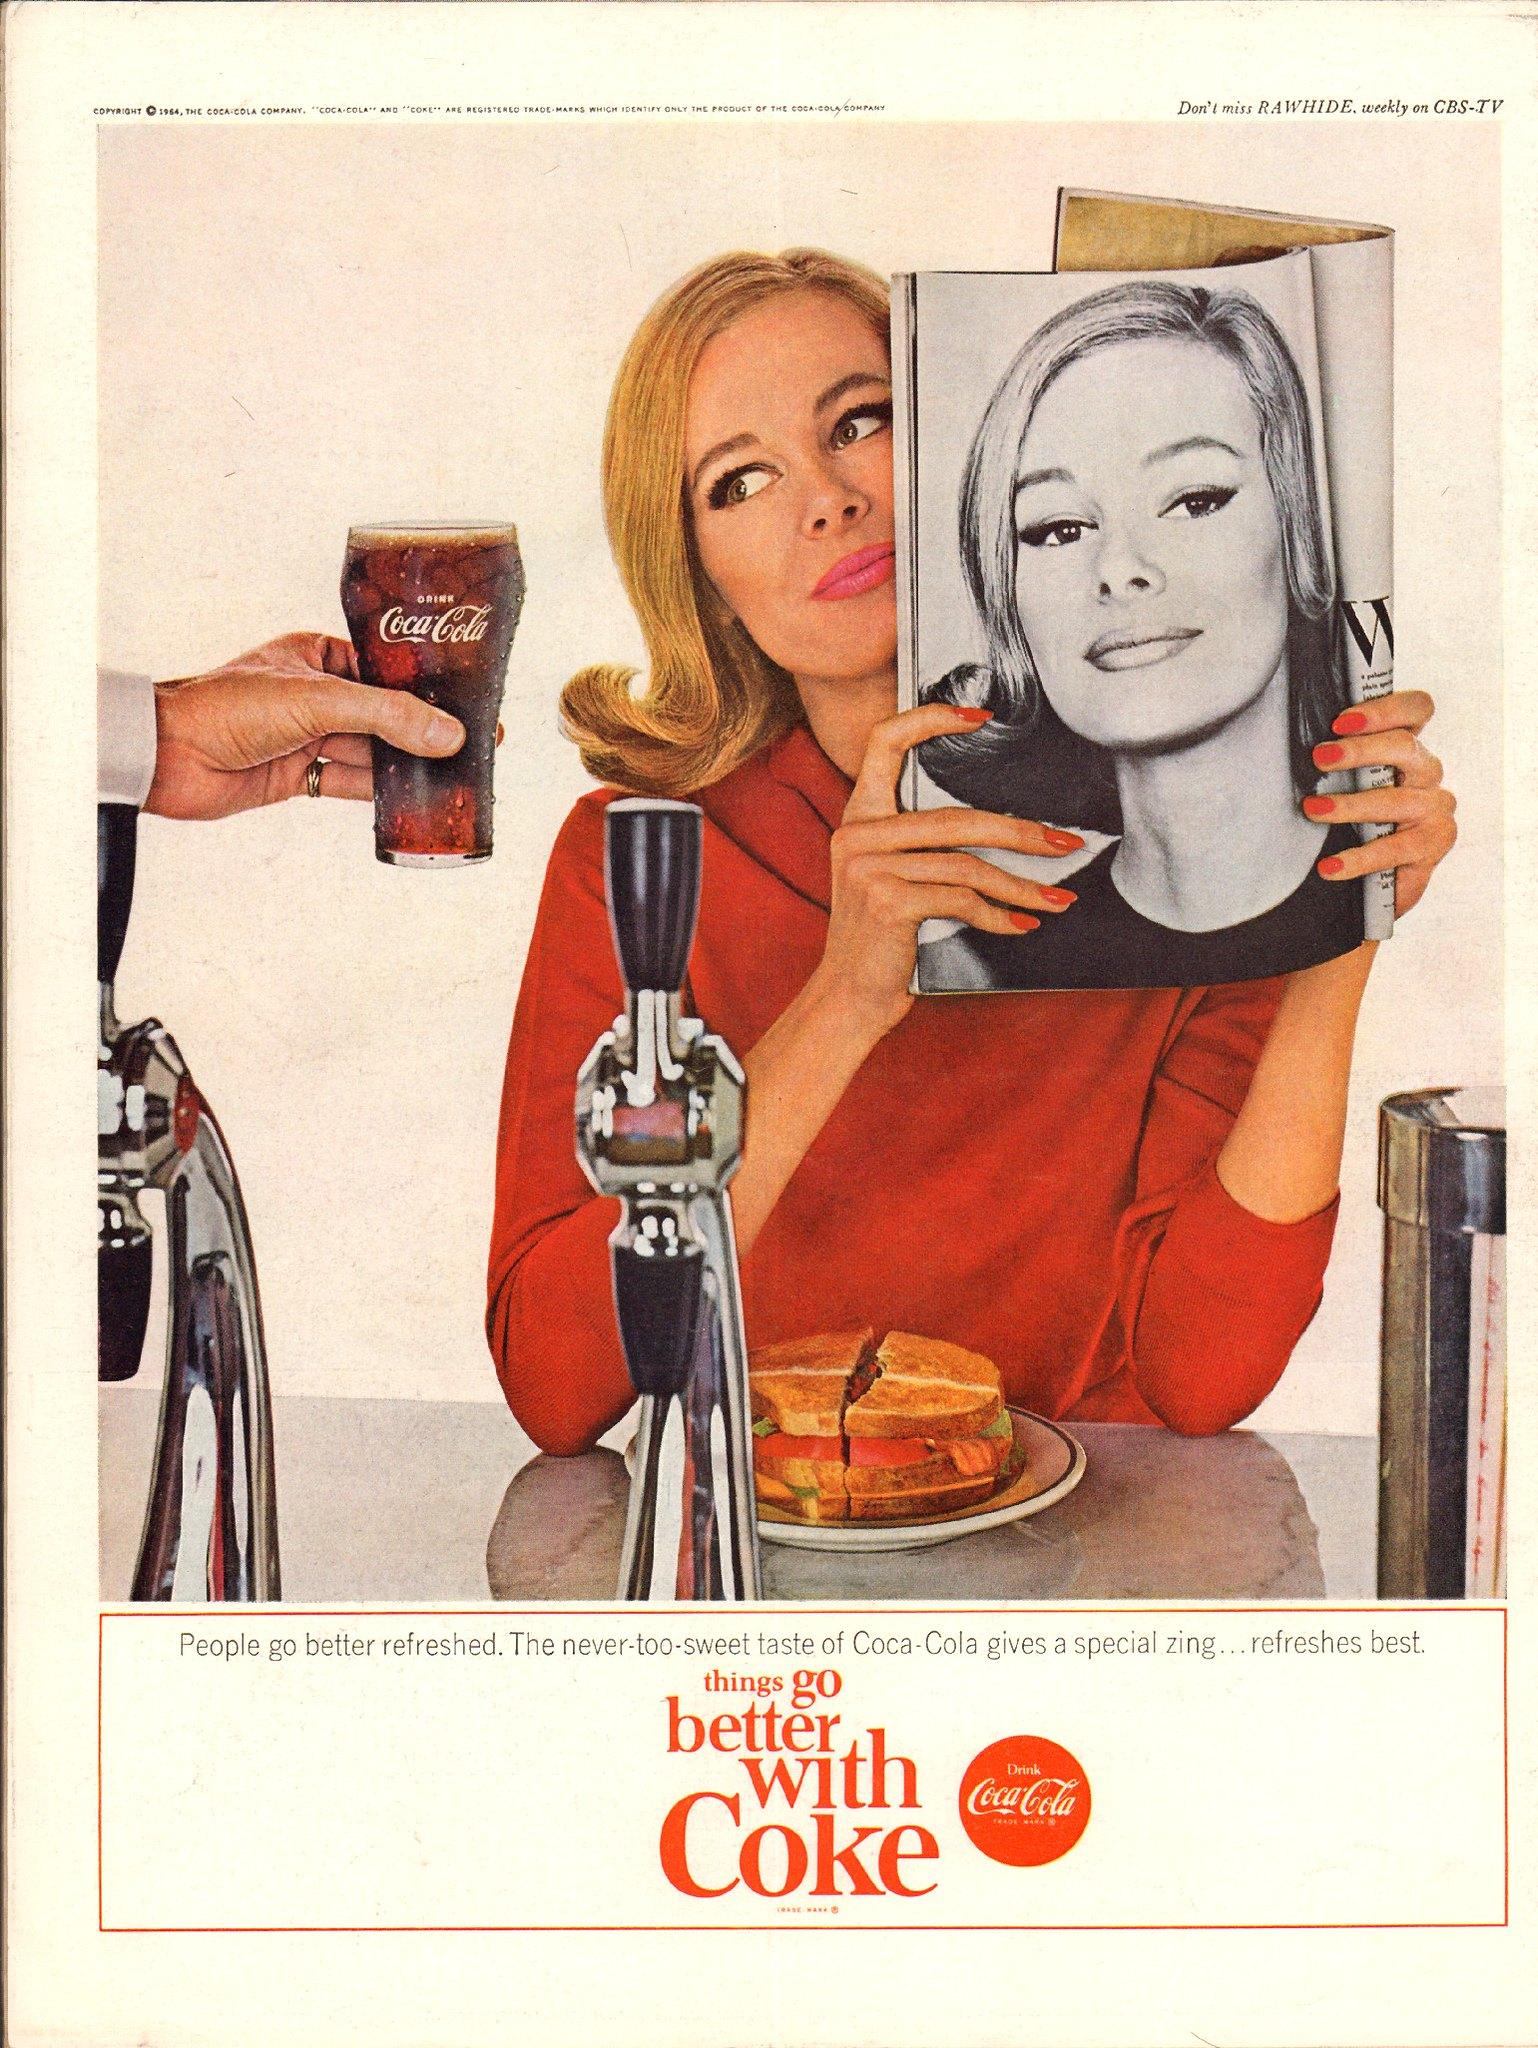 1964 Coca-Cola Coke Advertisement Life Magazine March 13 1964